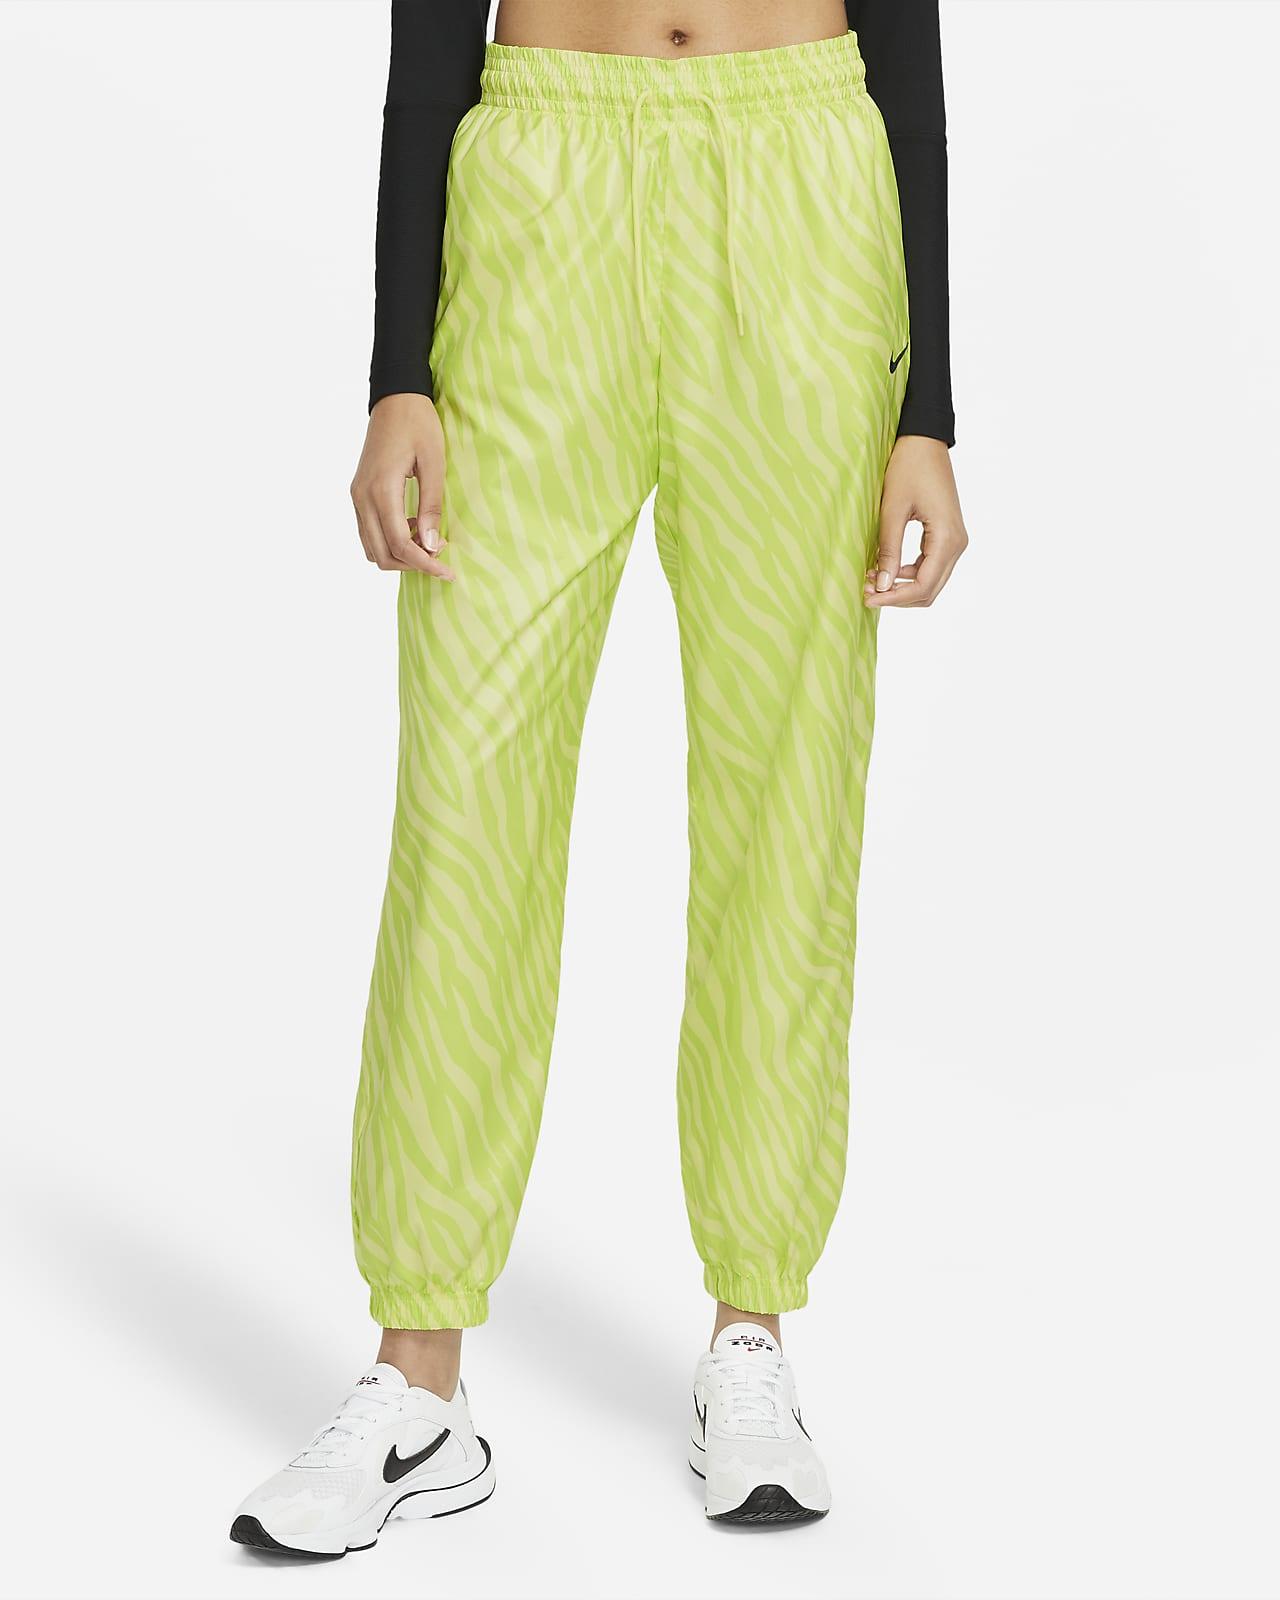 Nike Sportswear Icon Clash Women's Pants